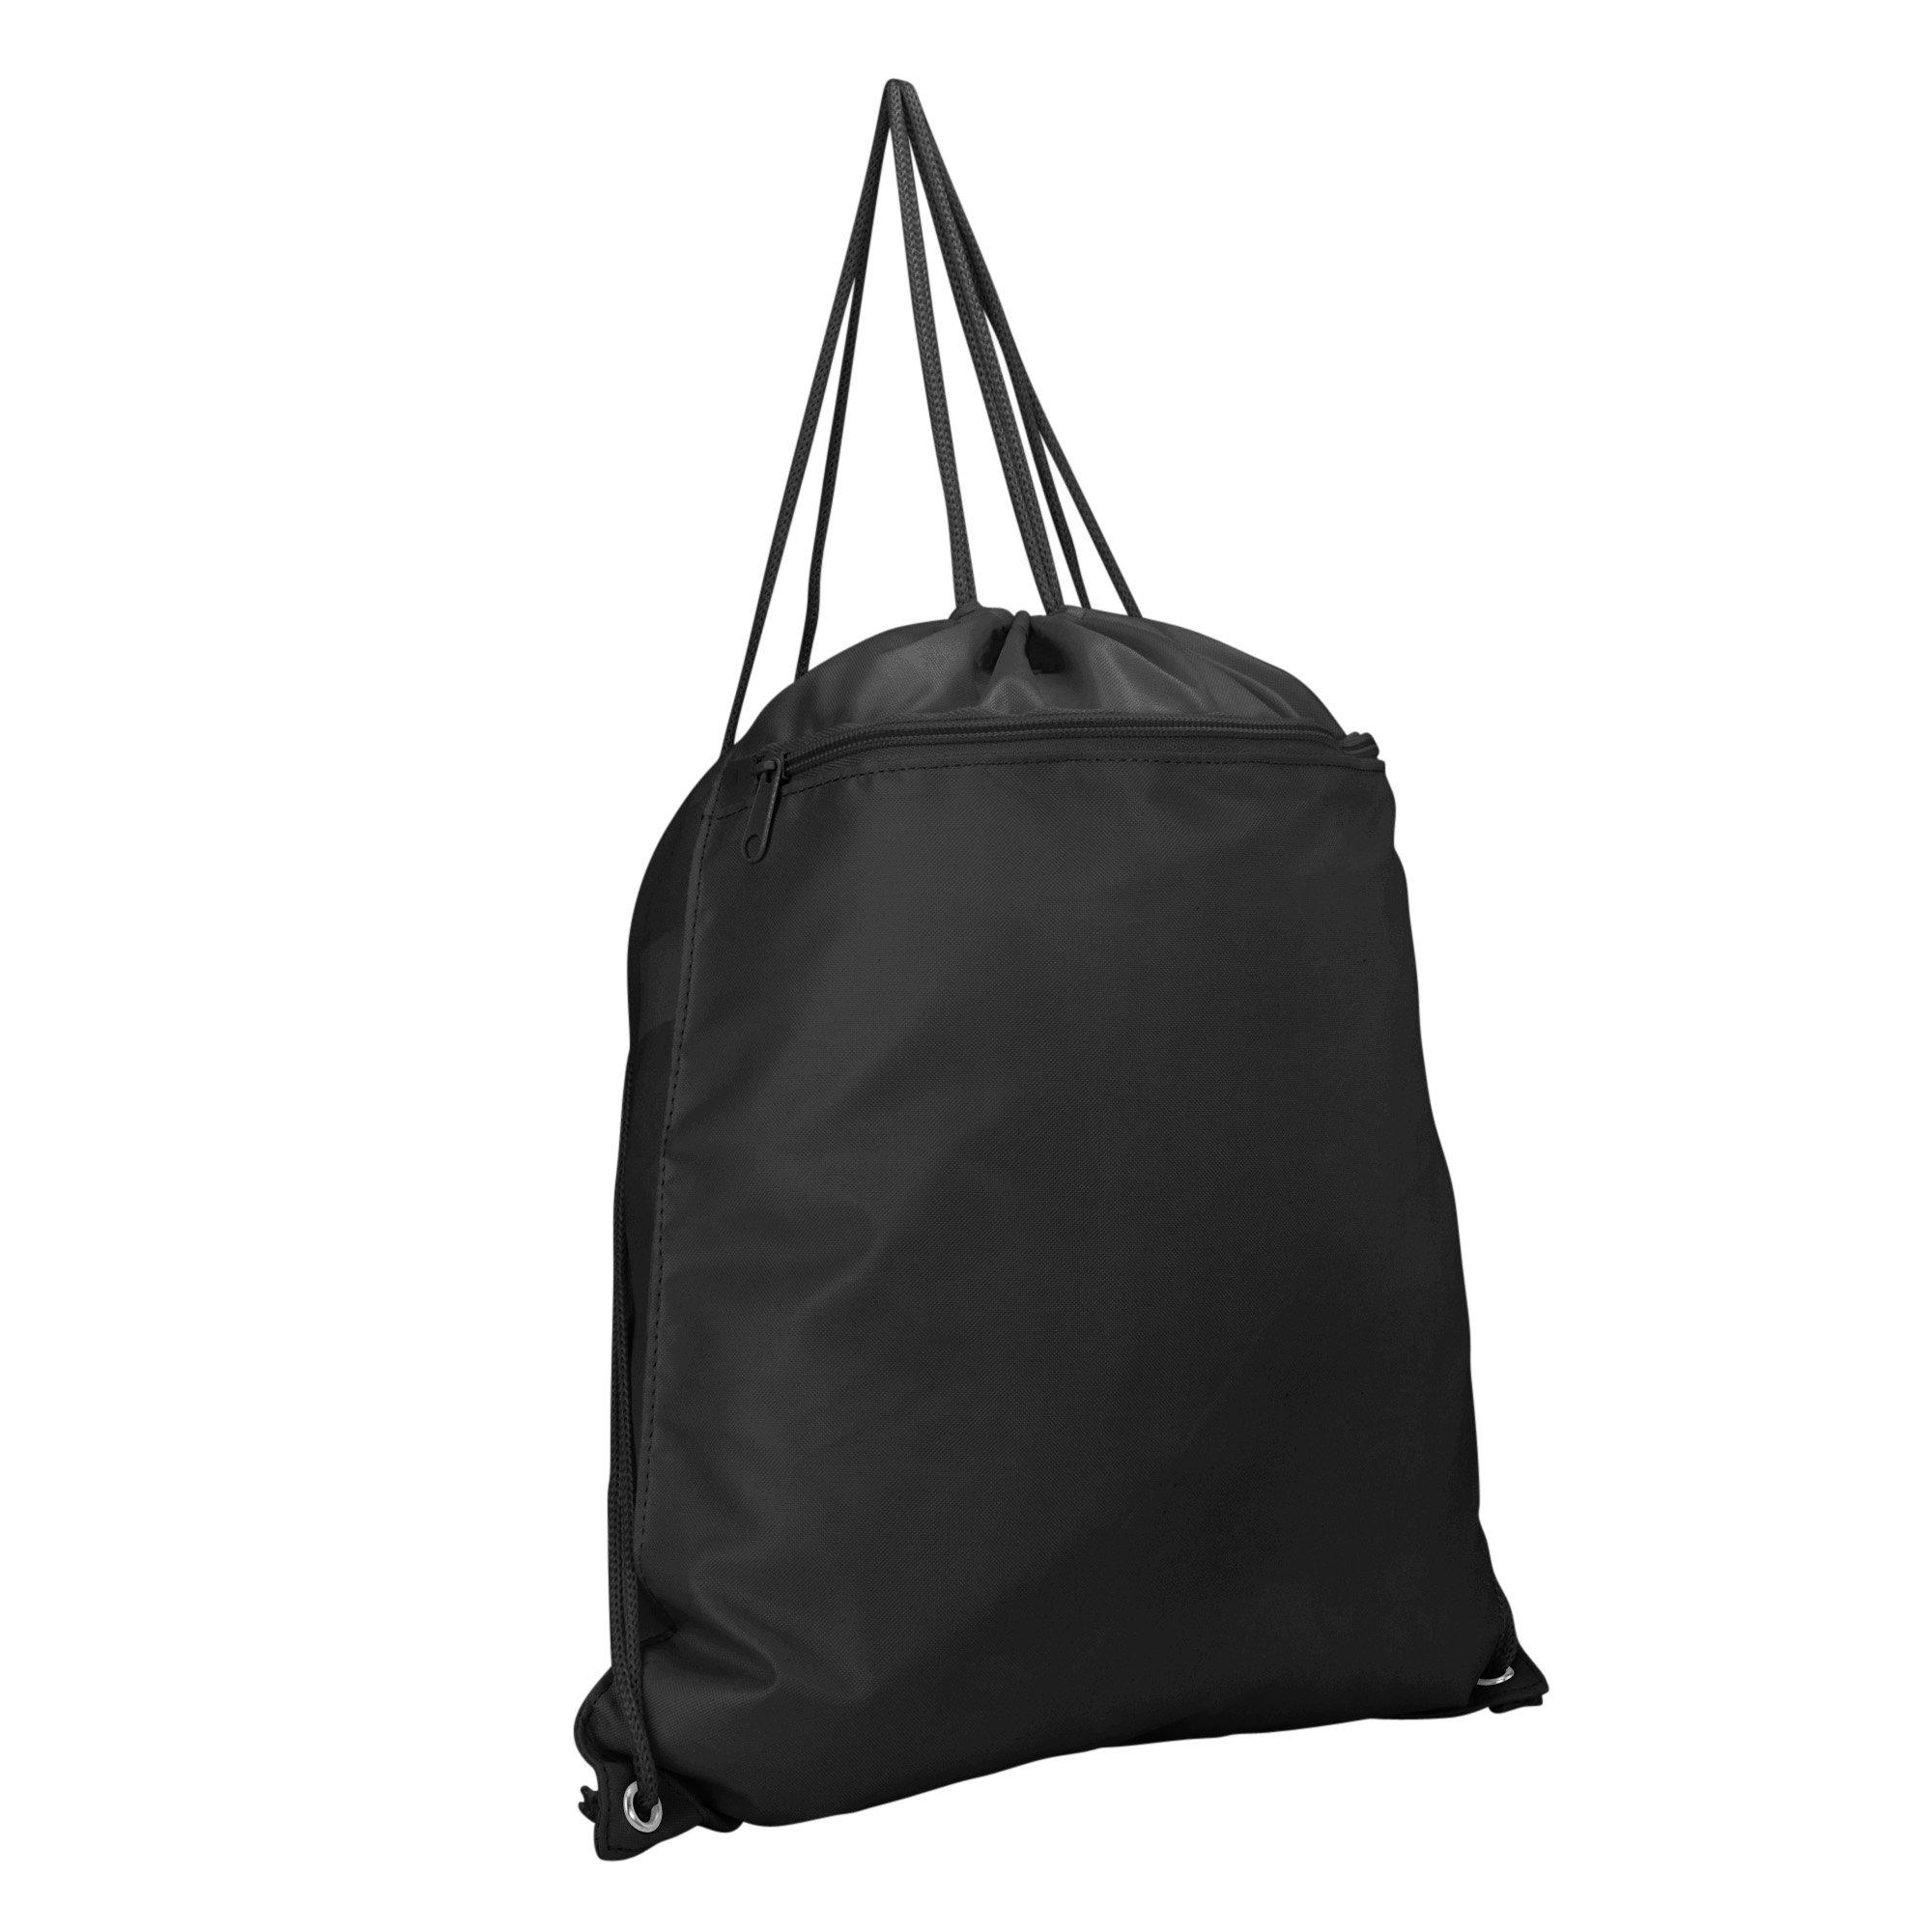 DALIX Sock Pack Drawstring Backpack Bag Sack in Black